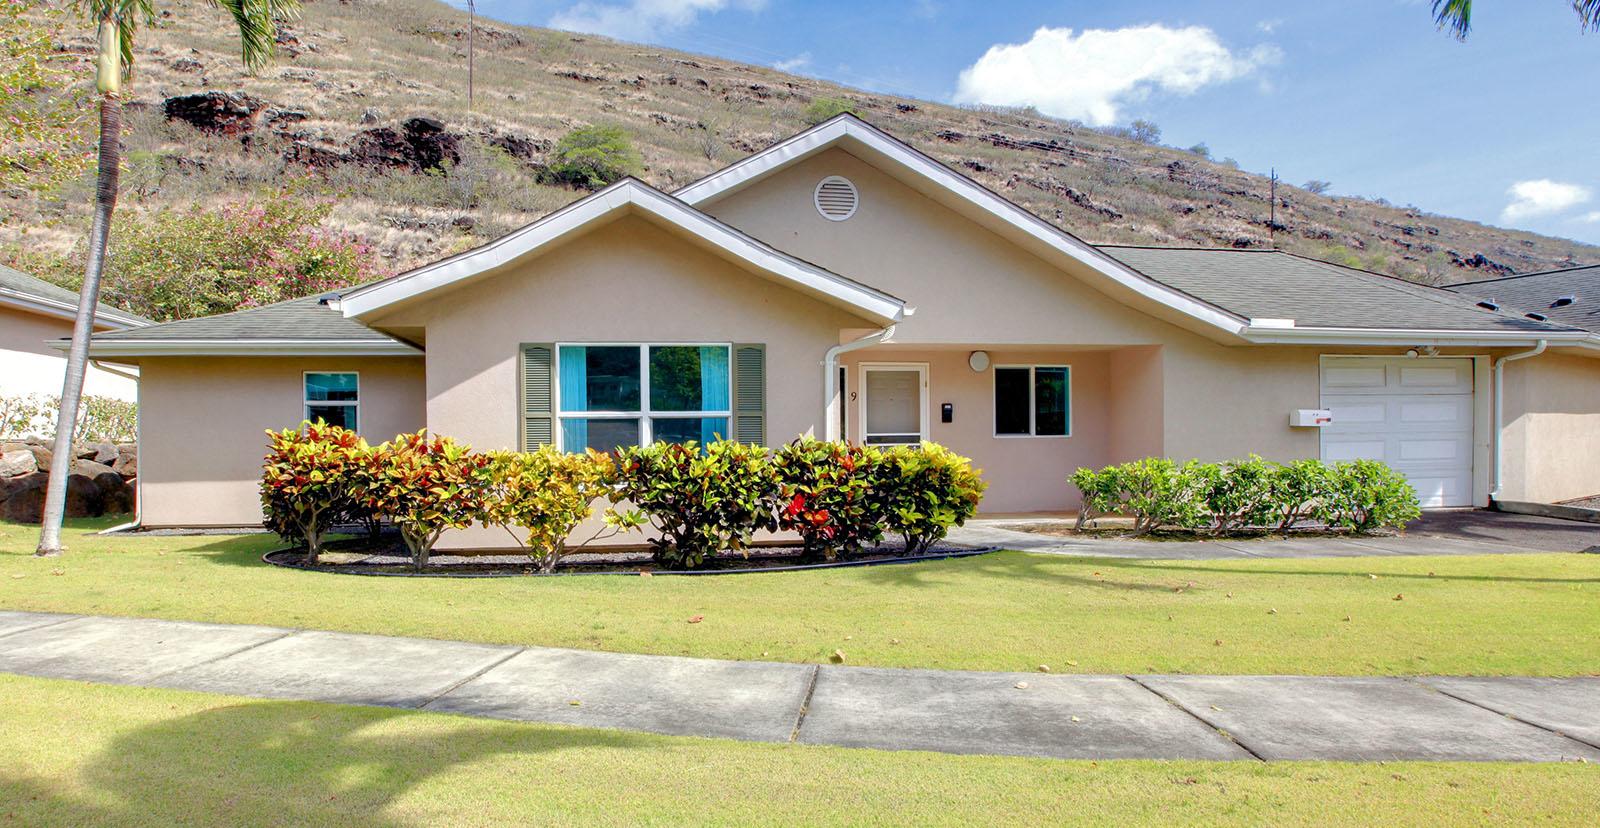 Hawaii Kai image 0